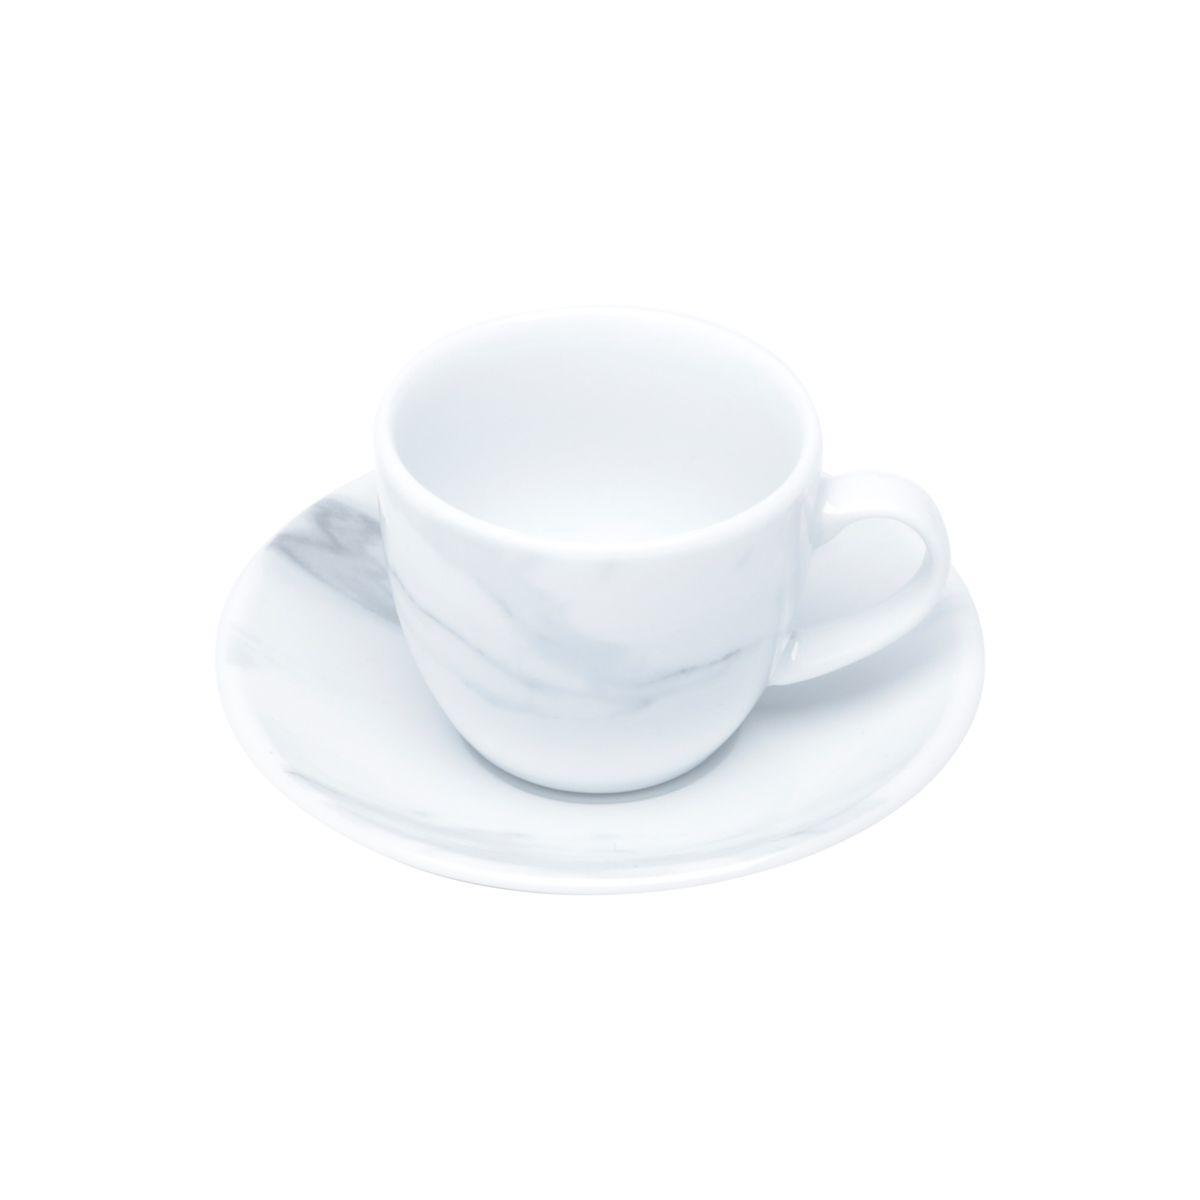 Jg 06 Xícaras de Café Calacata de Porcelana Wolff